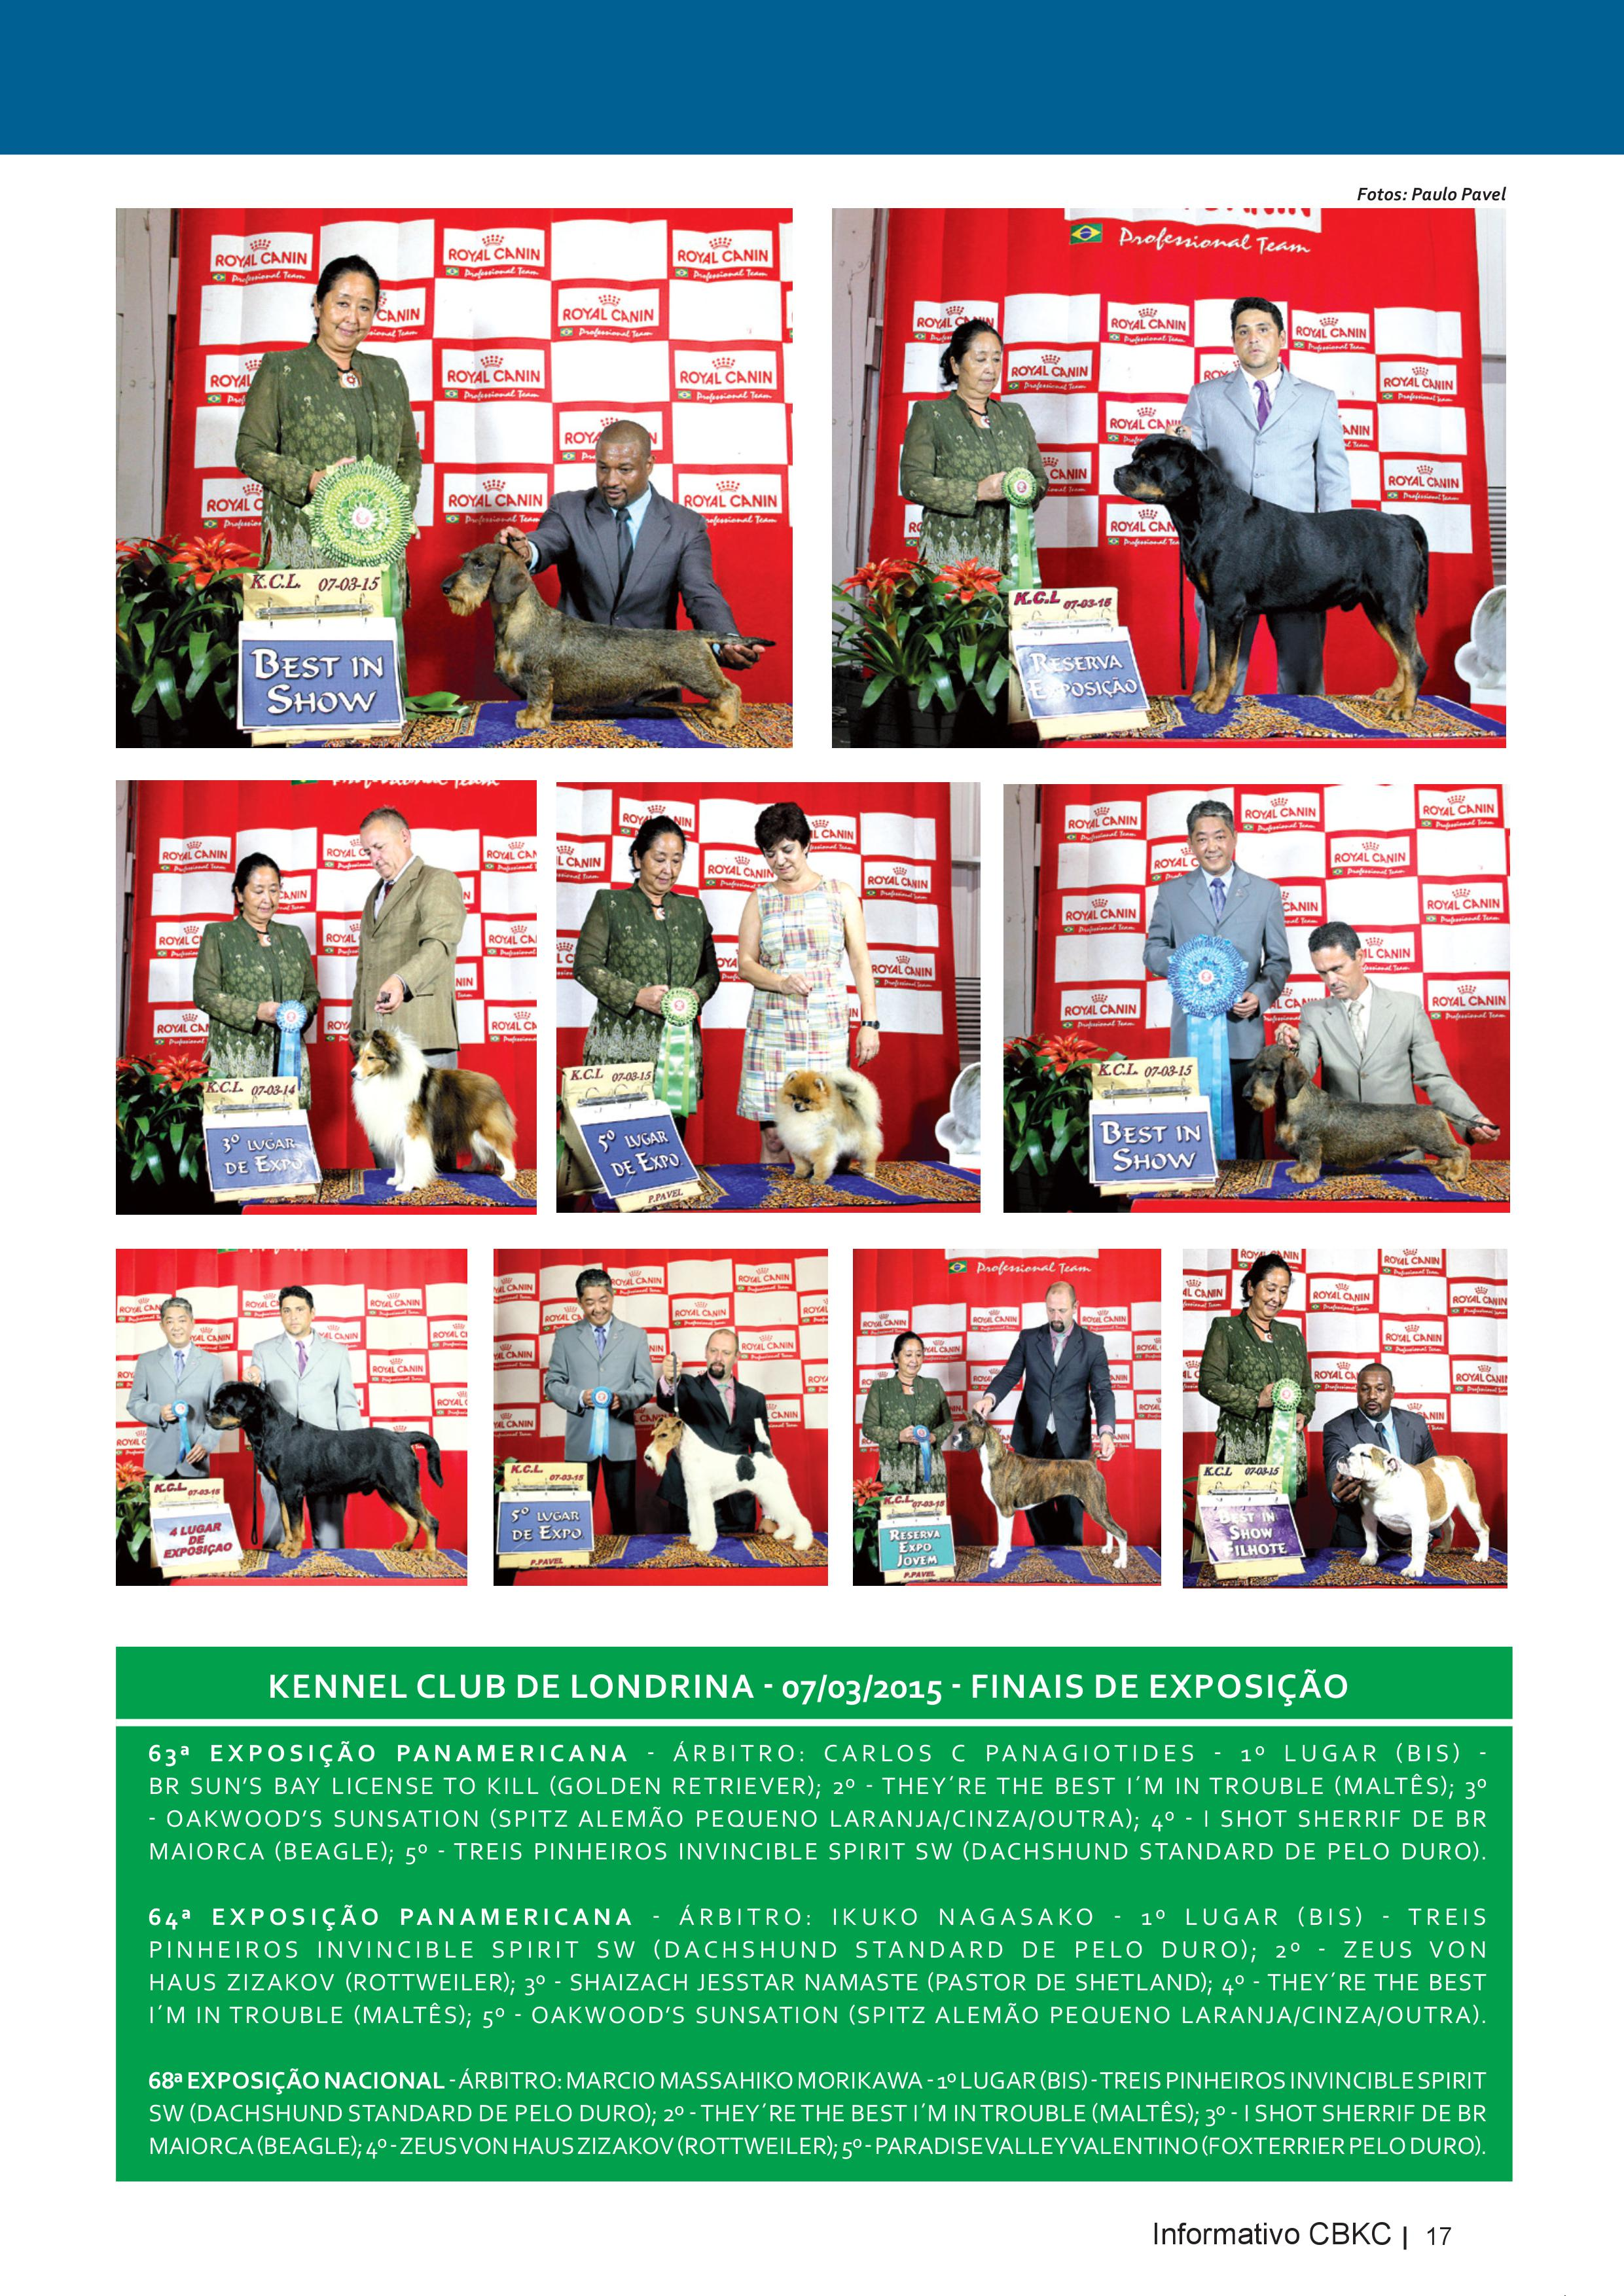 Pagina 17| Edição 50 do Informativo CBKC